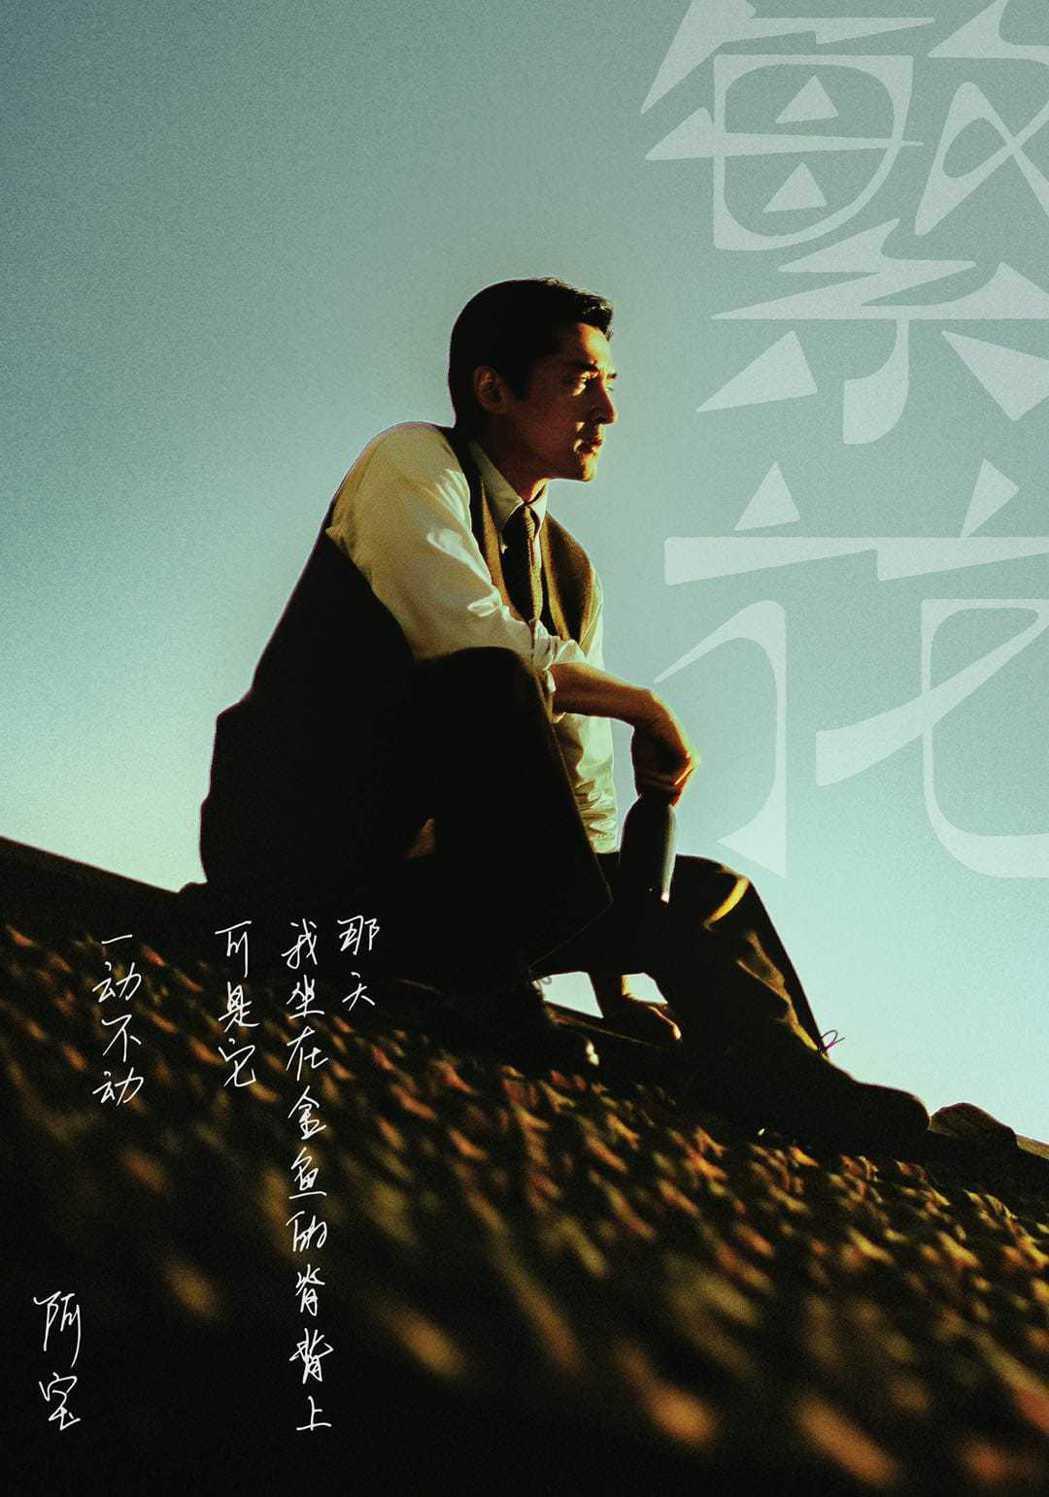 王家衛執導影集「繁花」首張官方劇照,男主角胡歌秀出帥氣側臉。圖/澤東提供